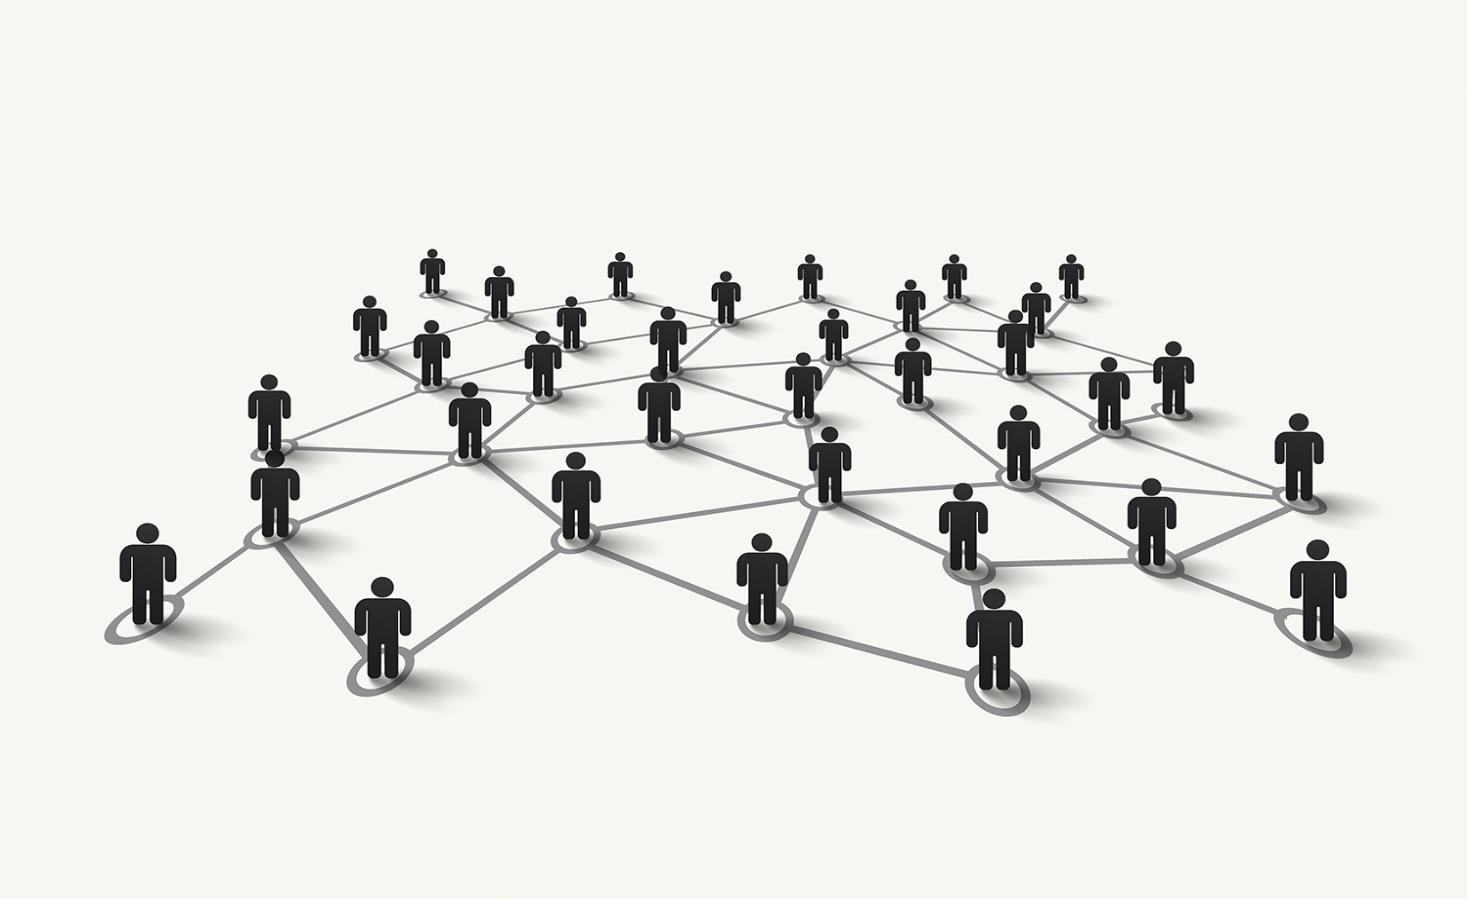 Marne Développement - Créer du lien avec les entreprises de votre territoire - connecte reseau - 23